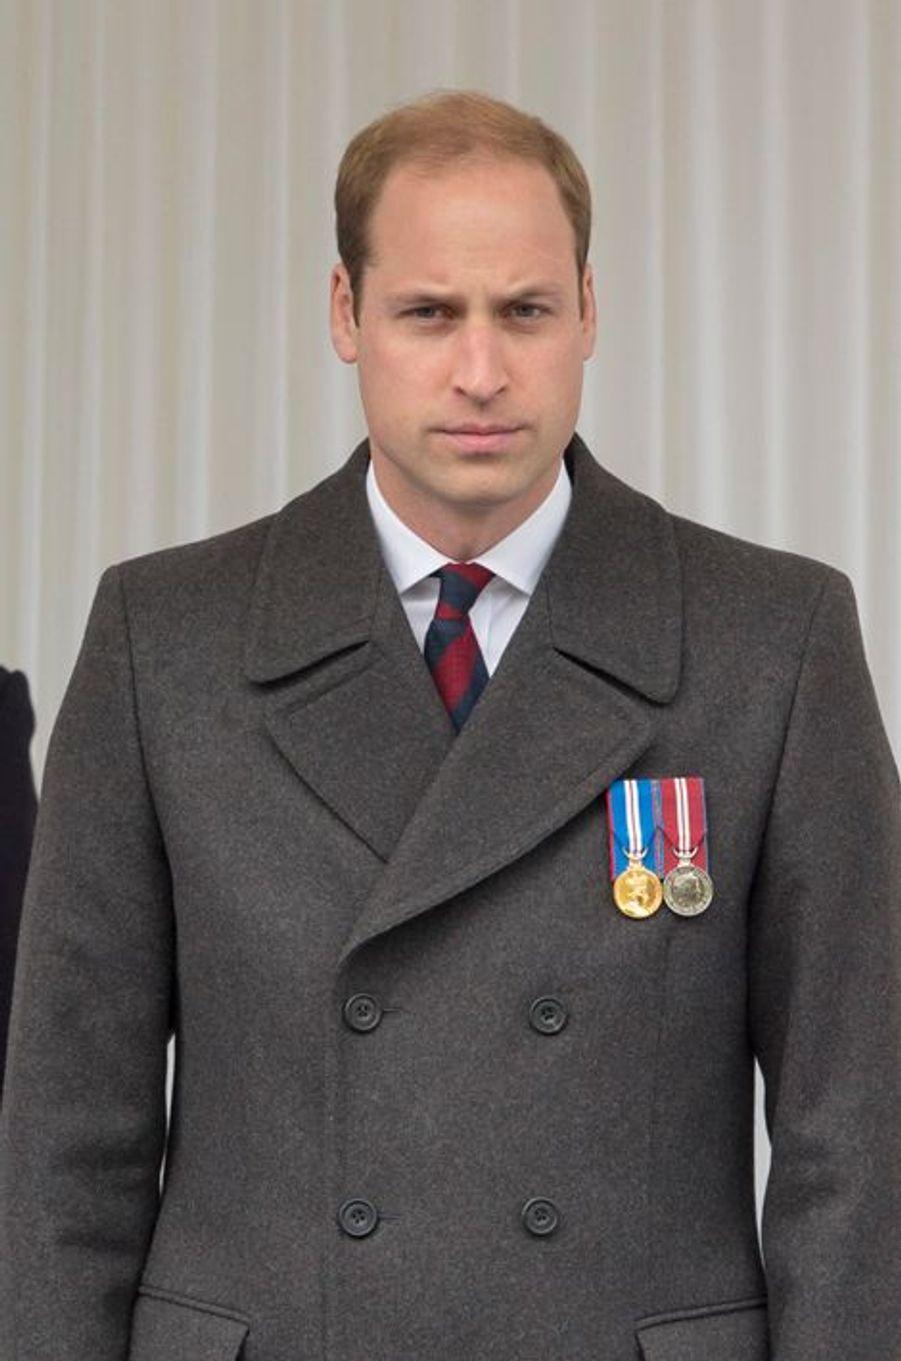 Le prince William au Cénotaphe à Londres, le 25 avril 2015